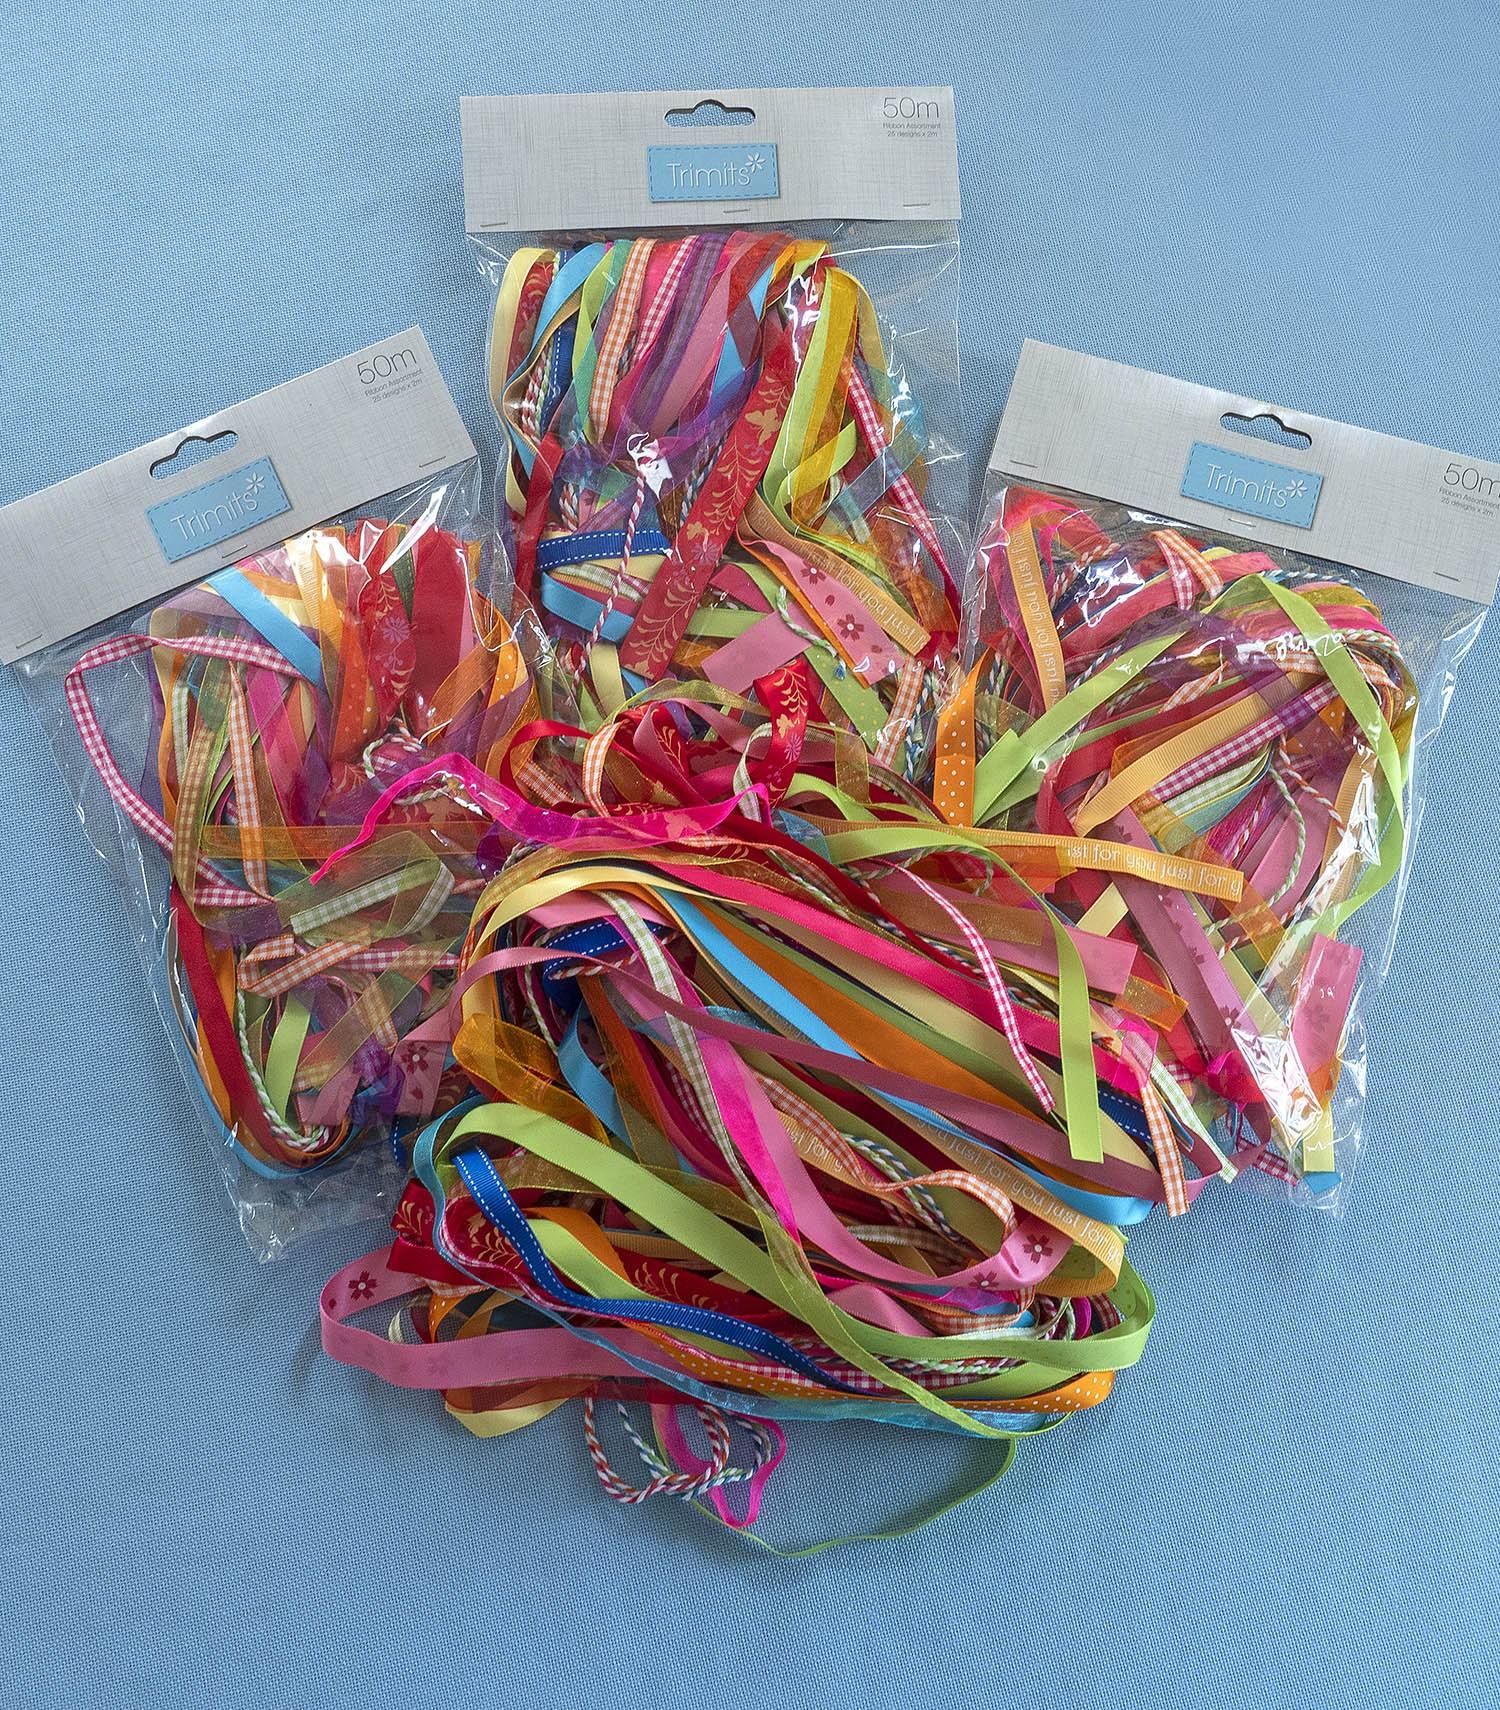 50 metre Ribbon Bundle